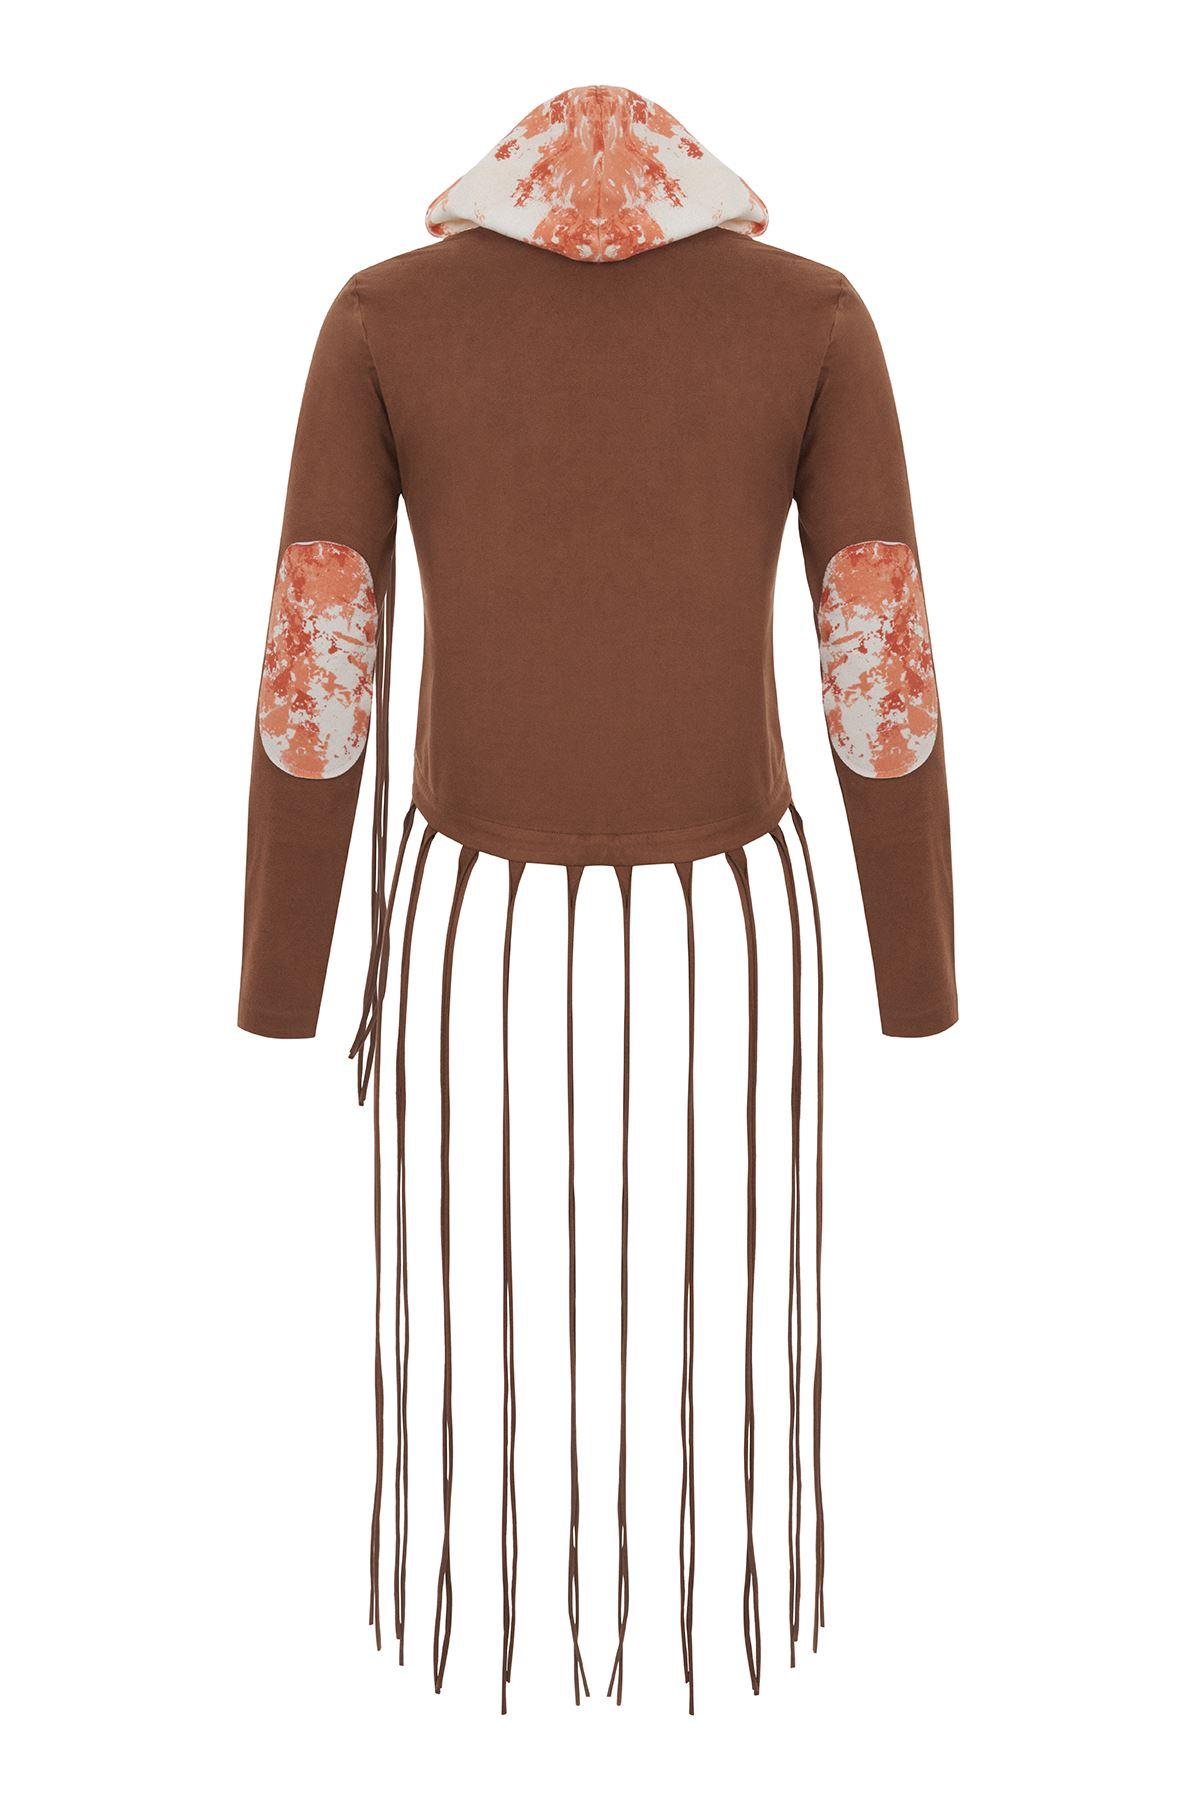 Hardal Batik Detaylı Süet Ceket